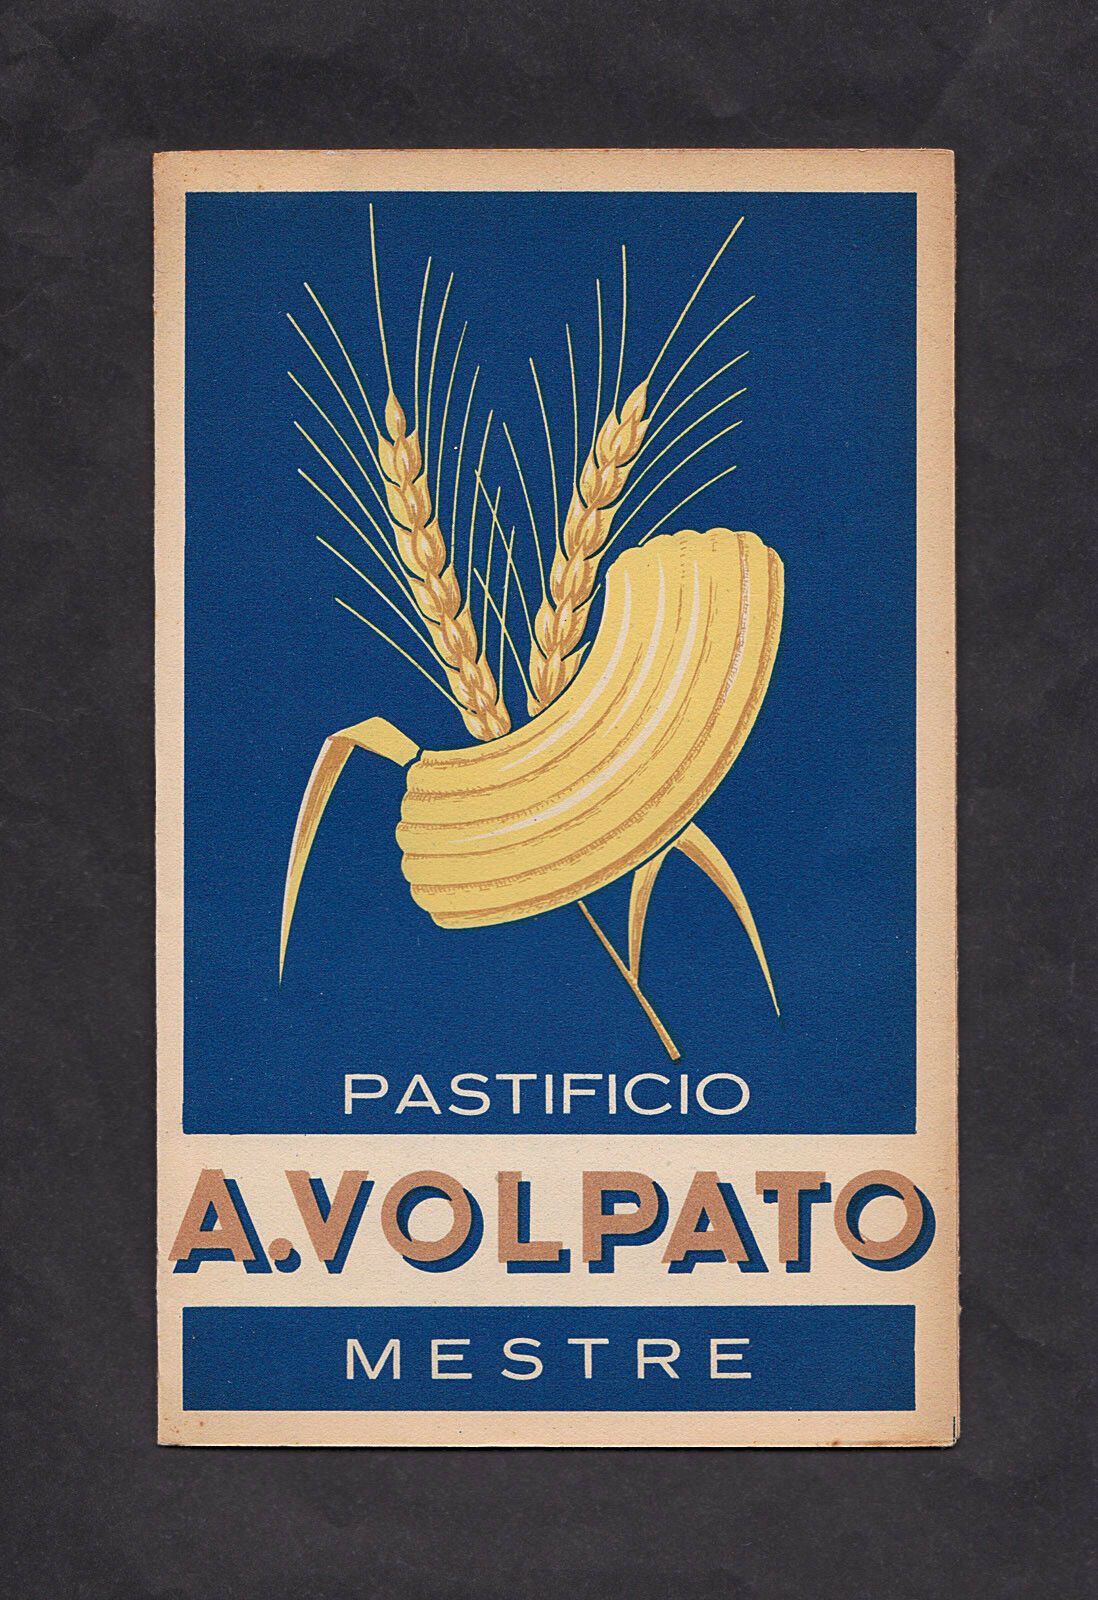 """Catalogo """"Pastificio A. Volpato"""" di Mestre, anni '40-'50 – a 20 €"""